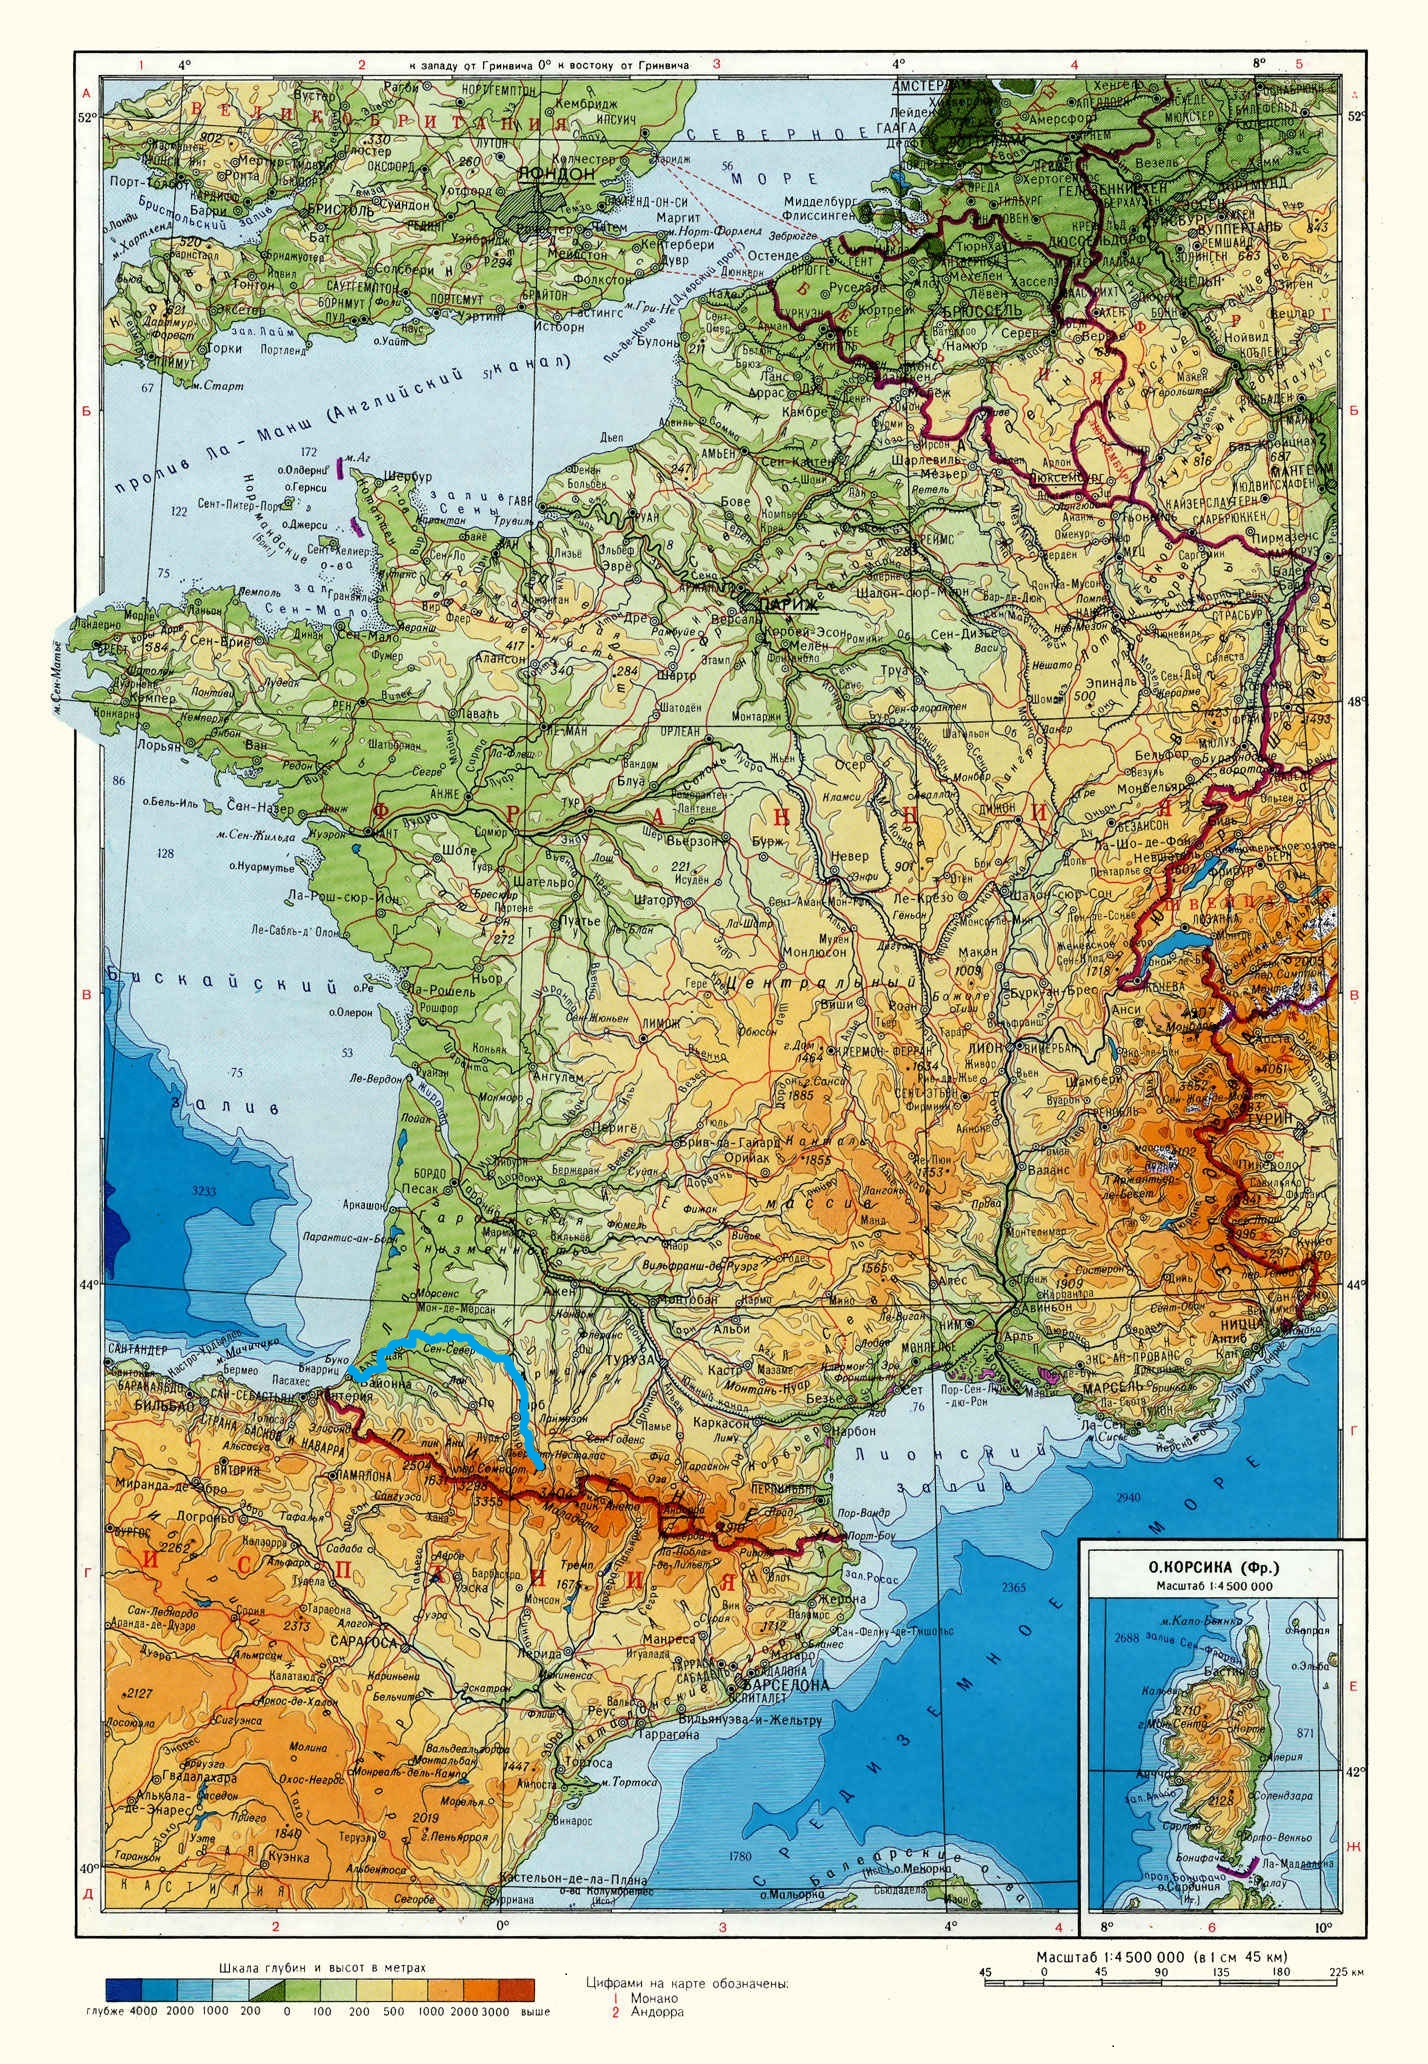 Река Адур (Adour) на карте